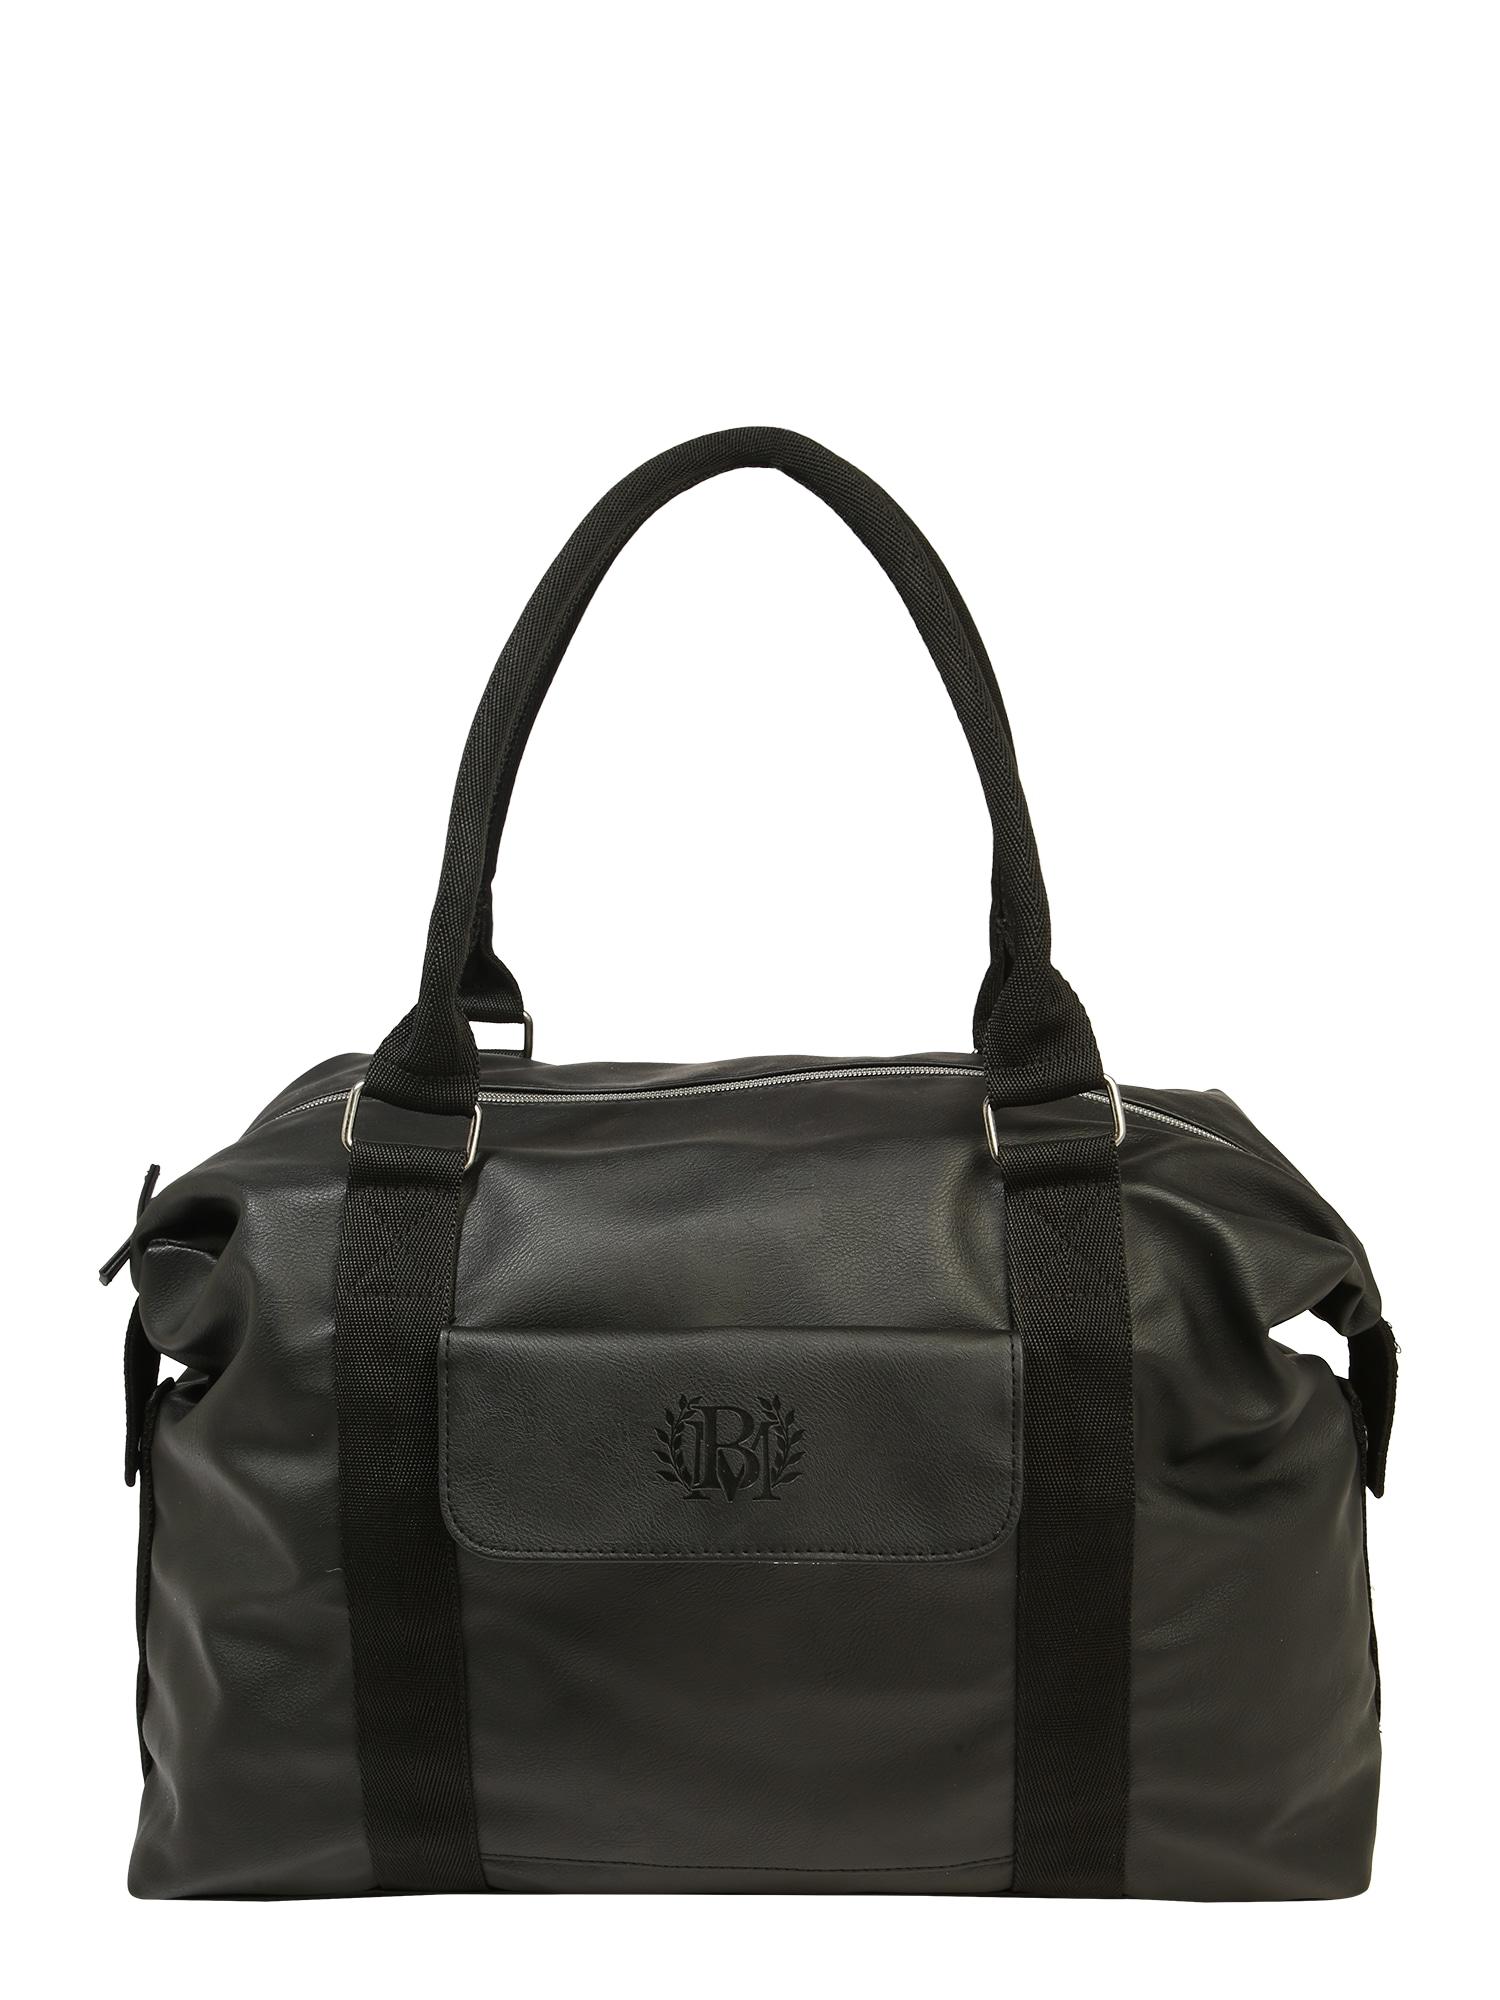 BURTON MENSWEAR LONDON Savaitgalio krepšys juoda